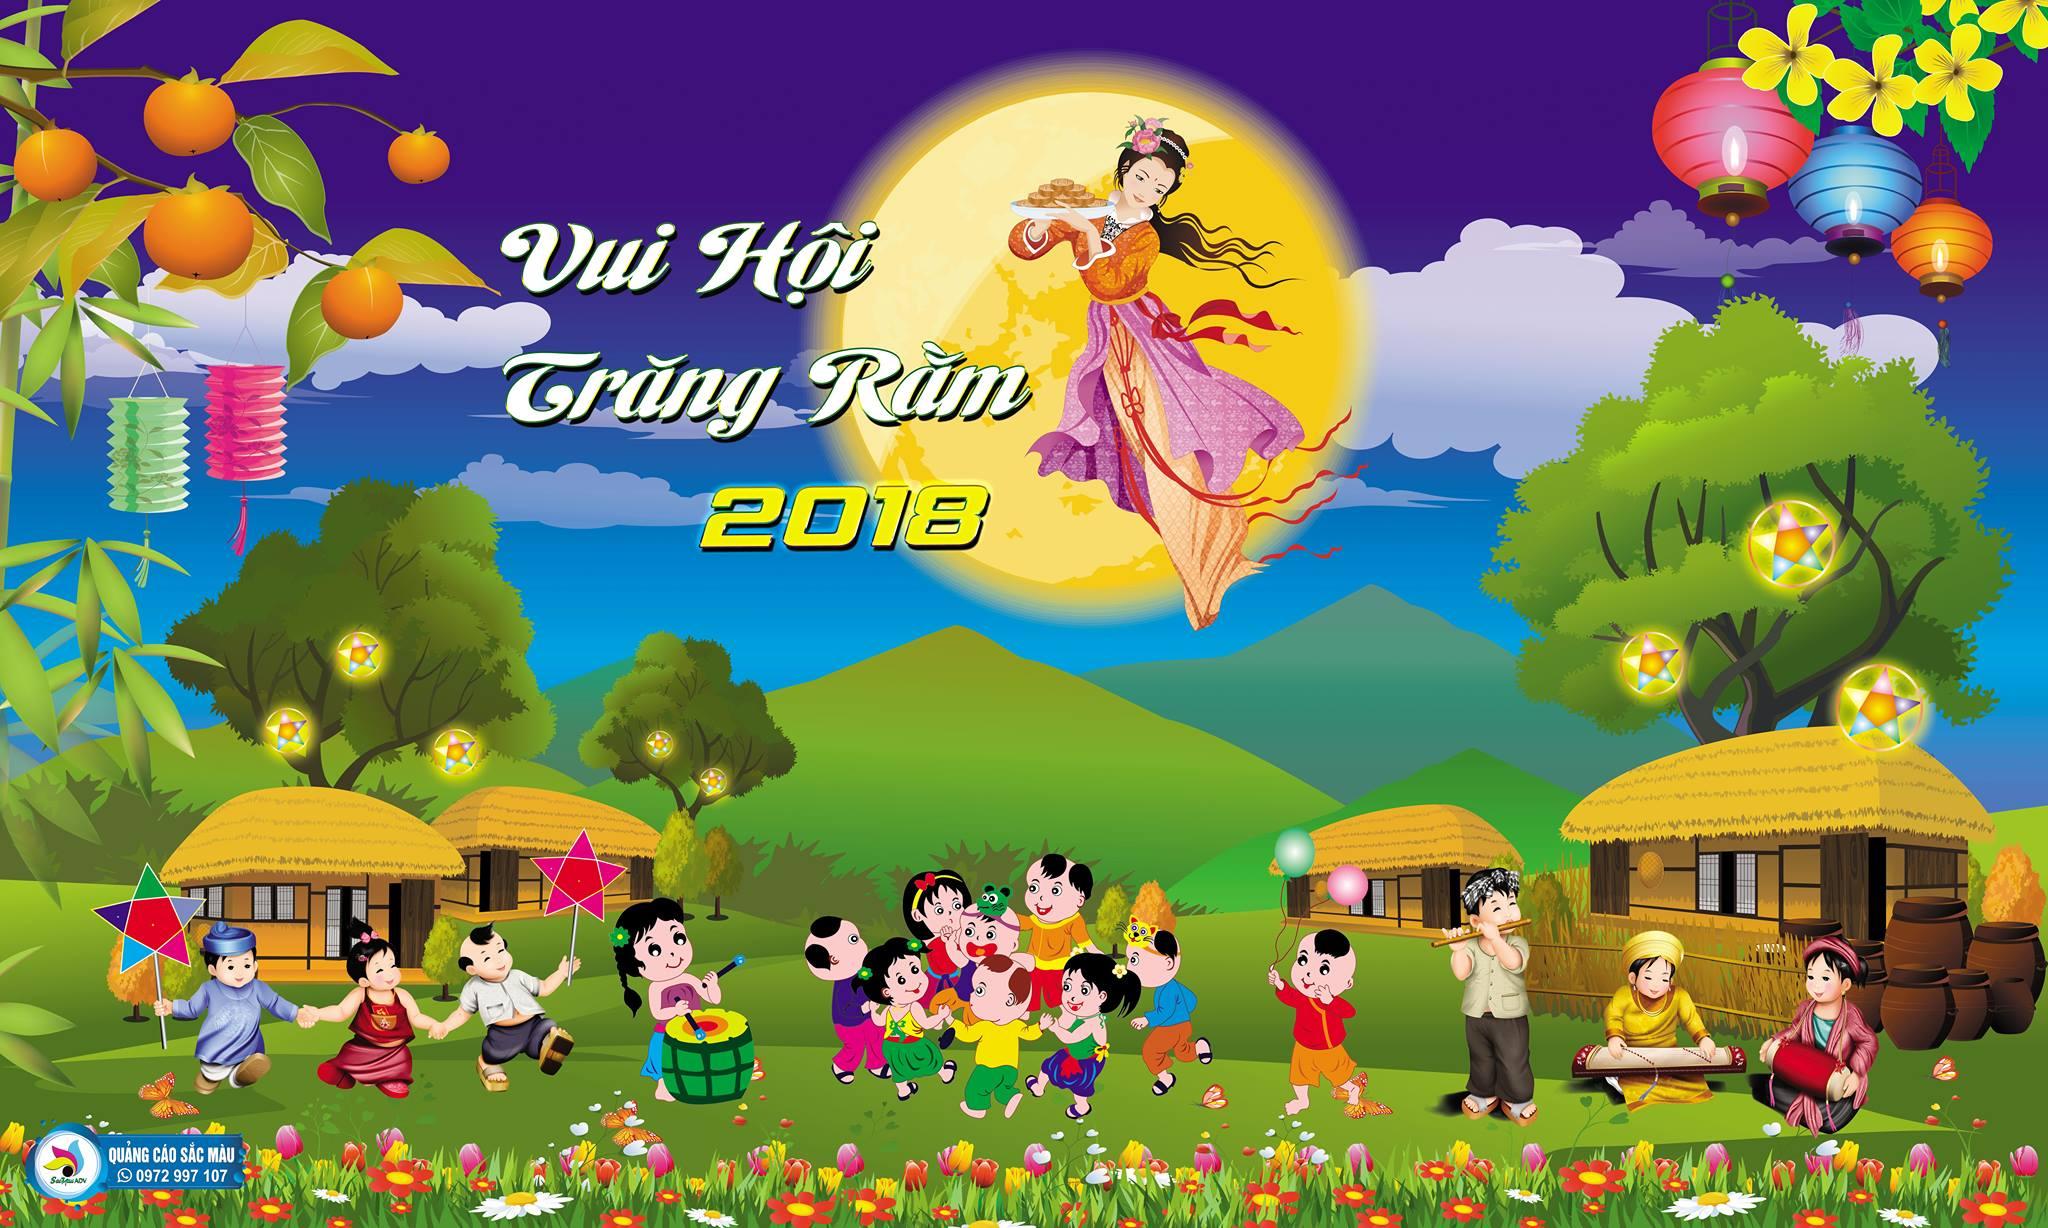 Đơn vị nhận làm backdrop trung thu tại Đà Nẵng